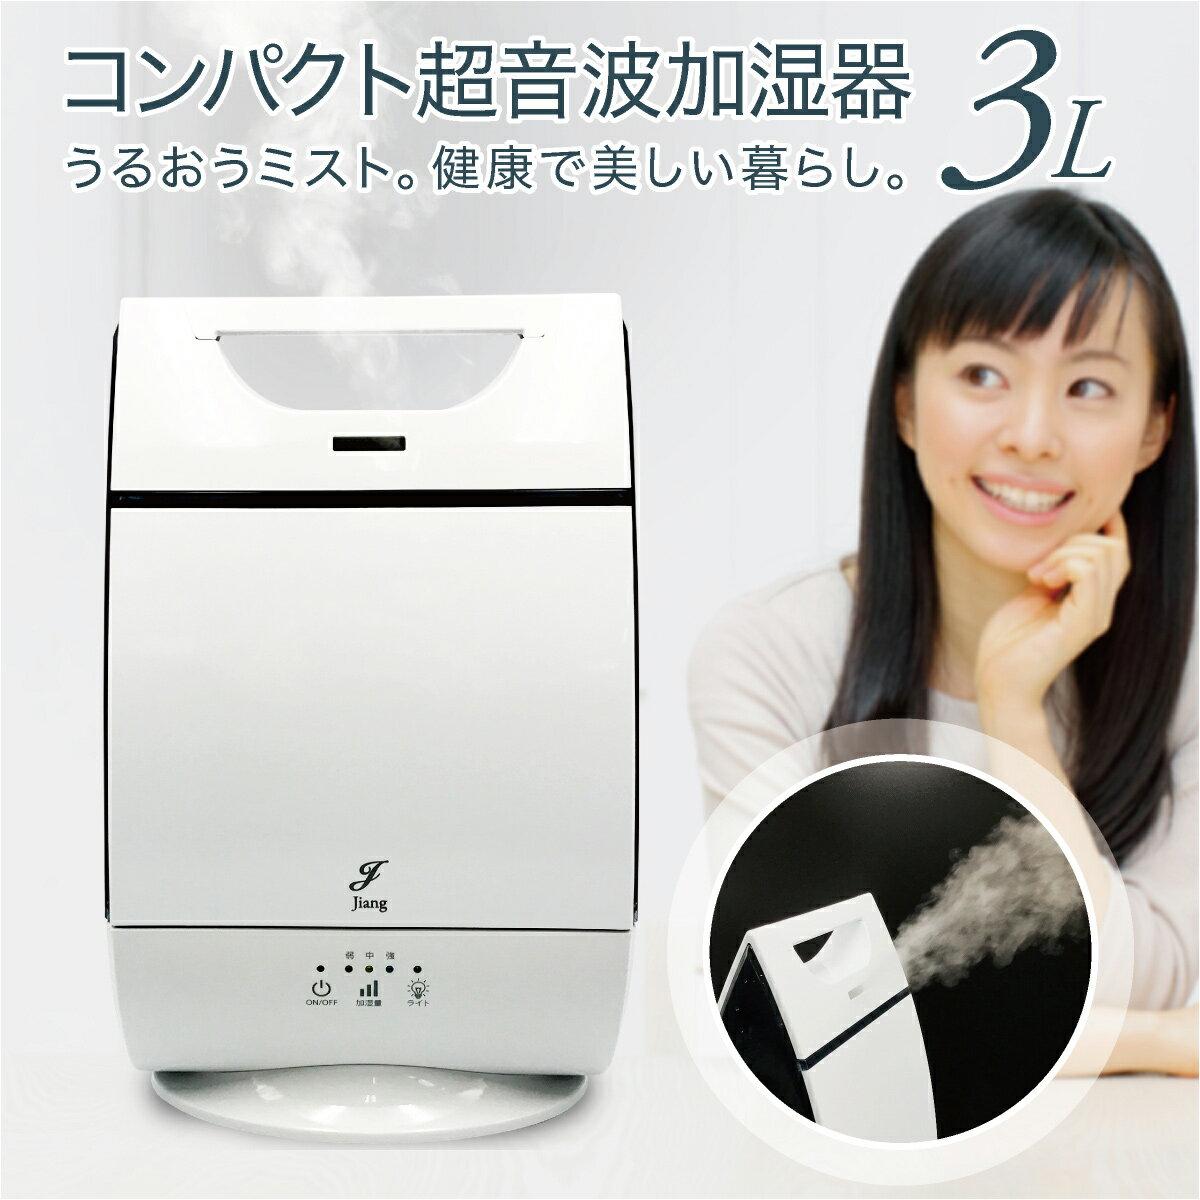 加湿器 卓上 オフィース おしゃれ 超音波加湿器 3リットル 大容量 最大30時間 超音波 コンパクト かわいい スチーム jiang-mist